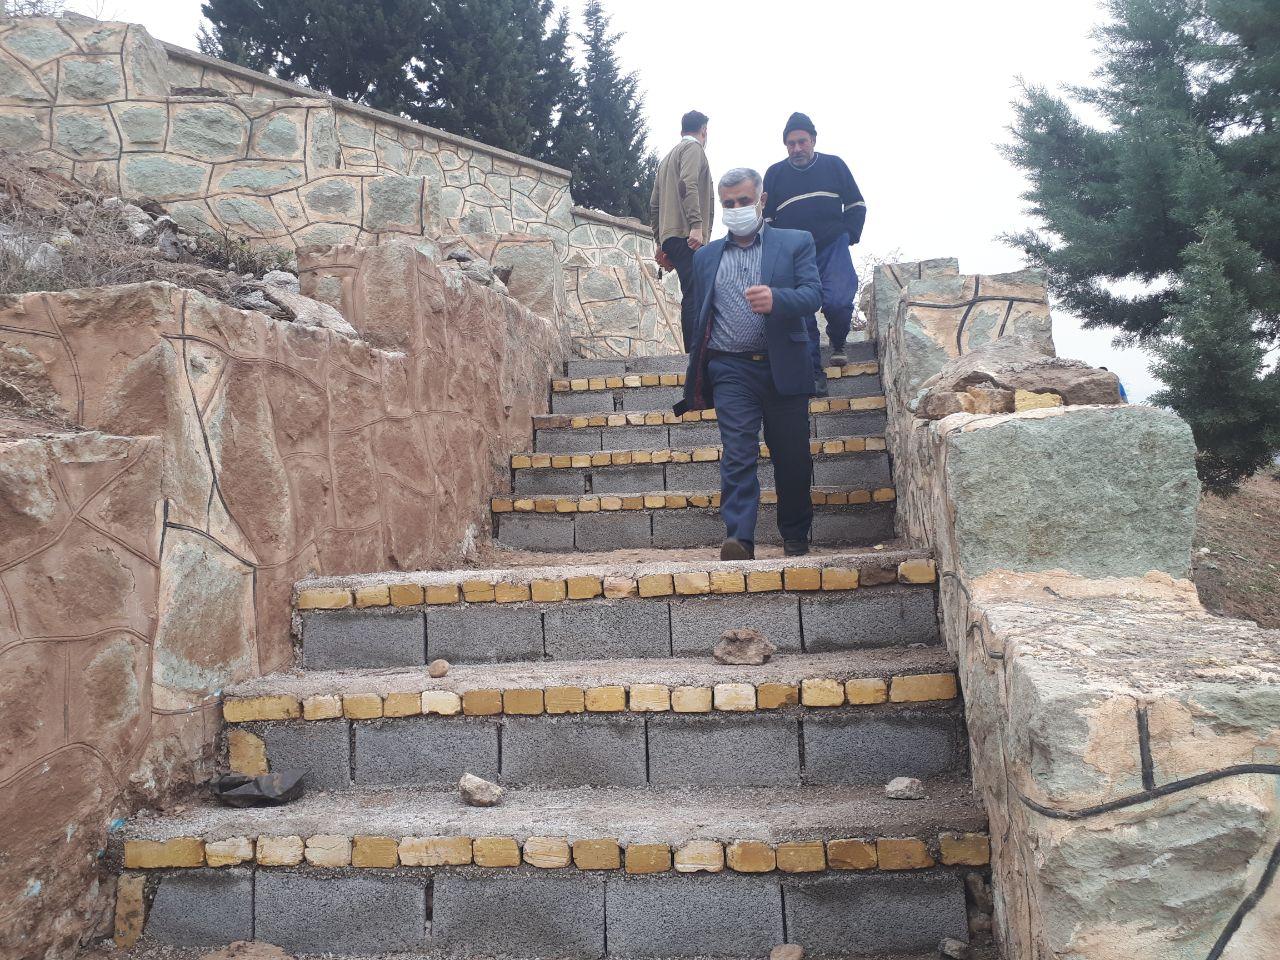 طرح نهال کاری، ایجاد پله، فضا سازی و زیباسازی پارک کوهستان شهر لوشان به همت عوامل اجرایی شهرداری اجرایی شد